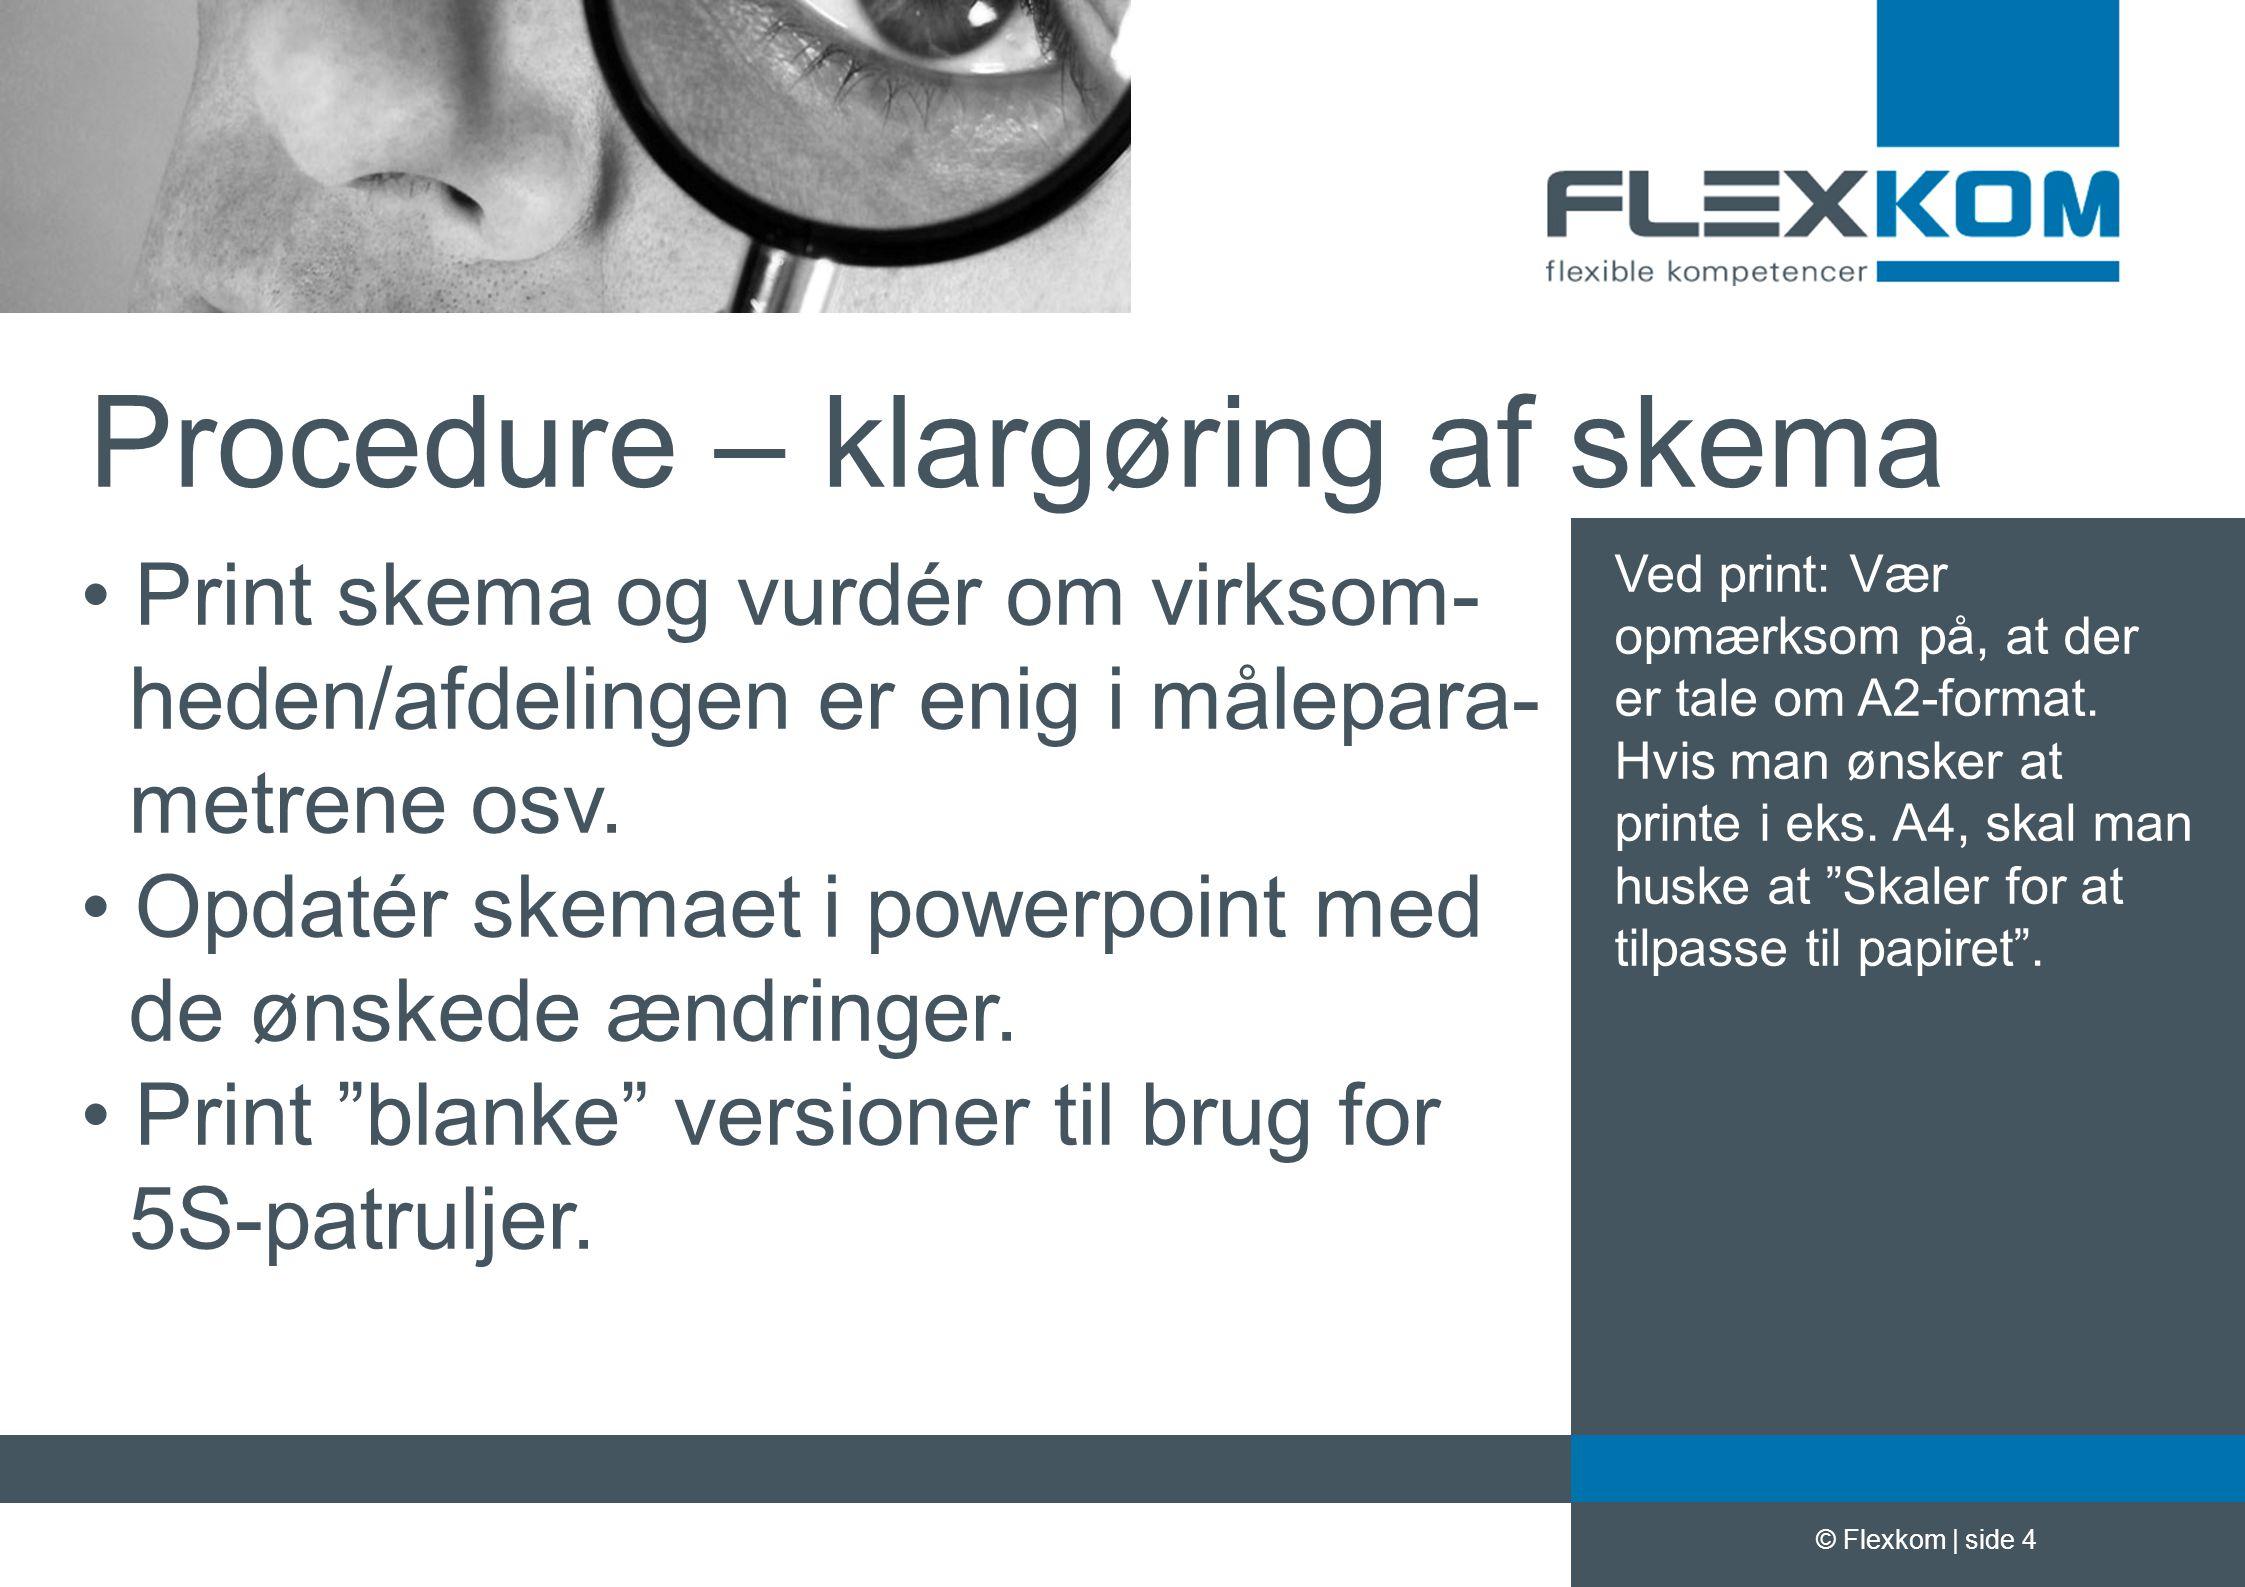 Procedure – klargøring af skema